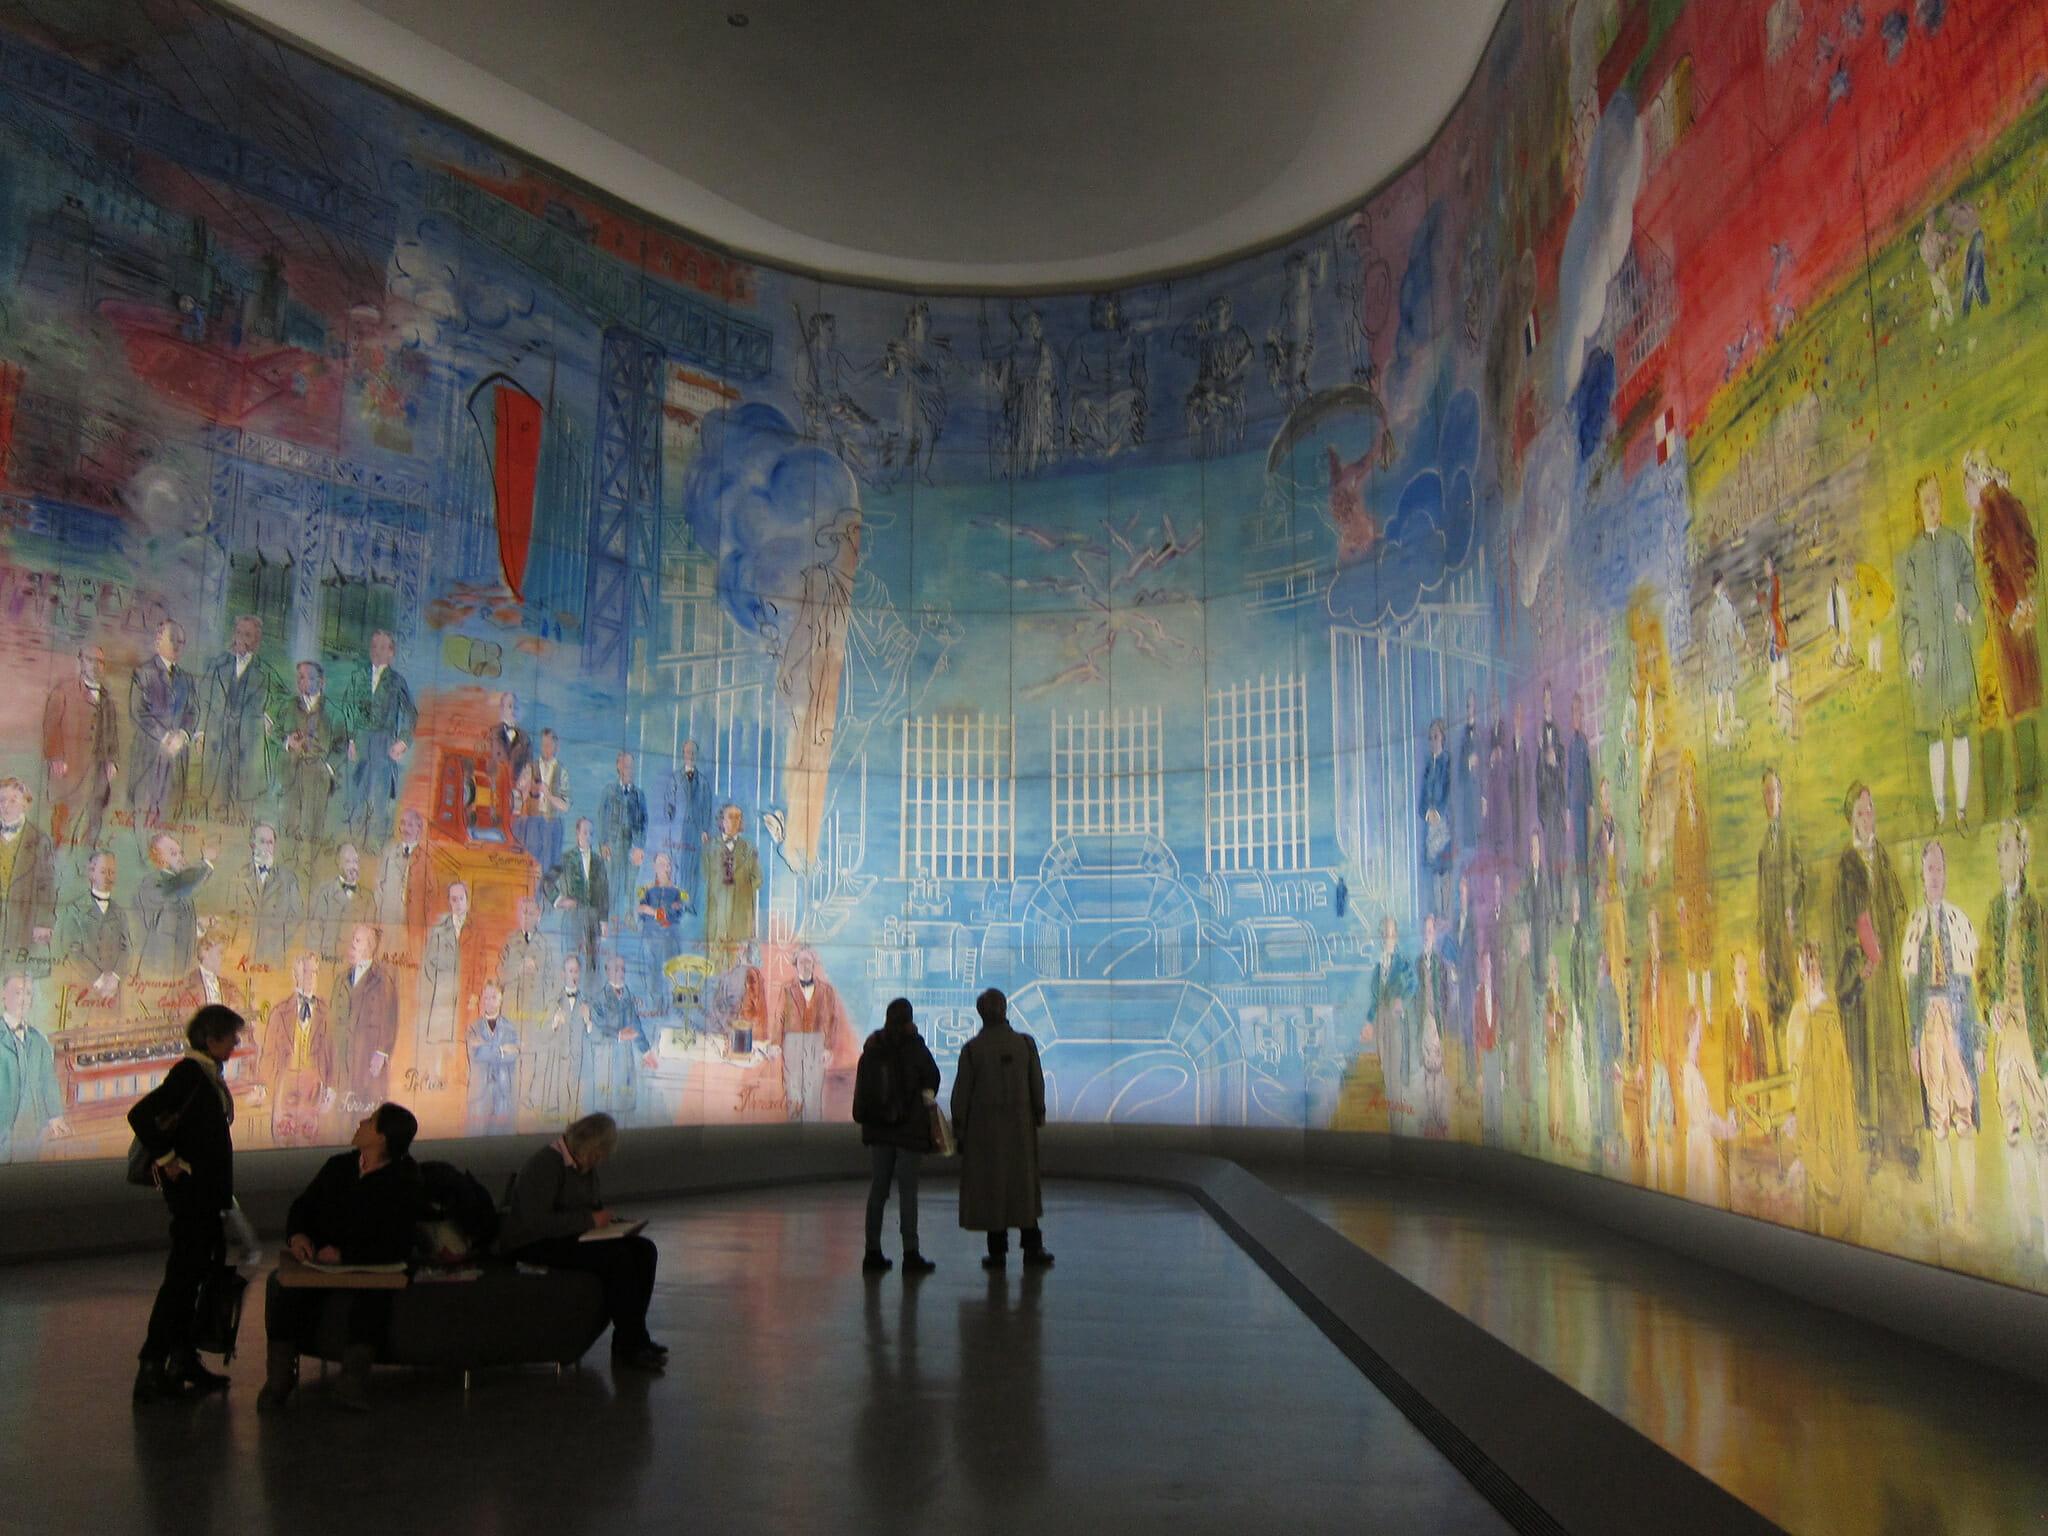 La Fée Electricité mural at the City of Paris Museum of Modern Art